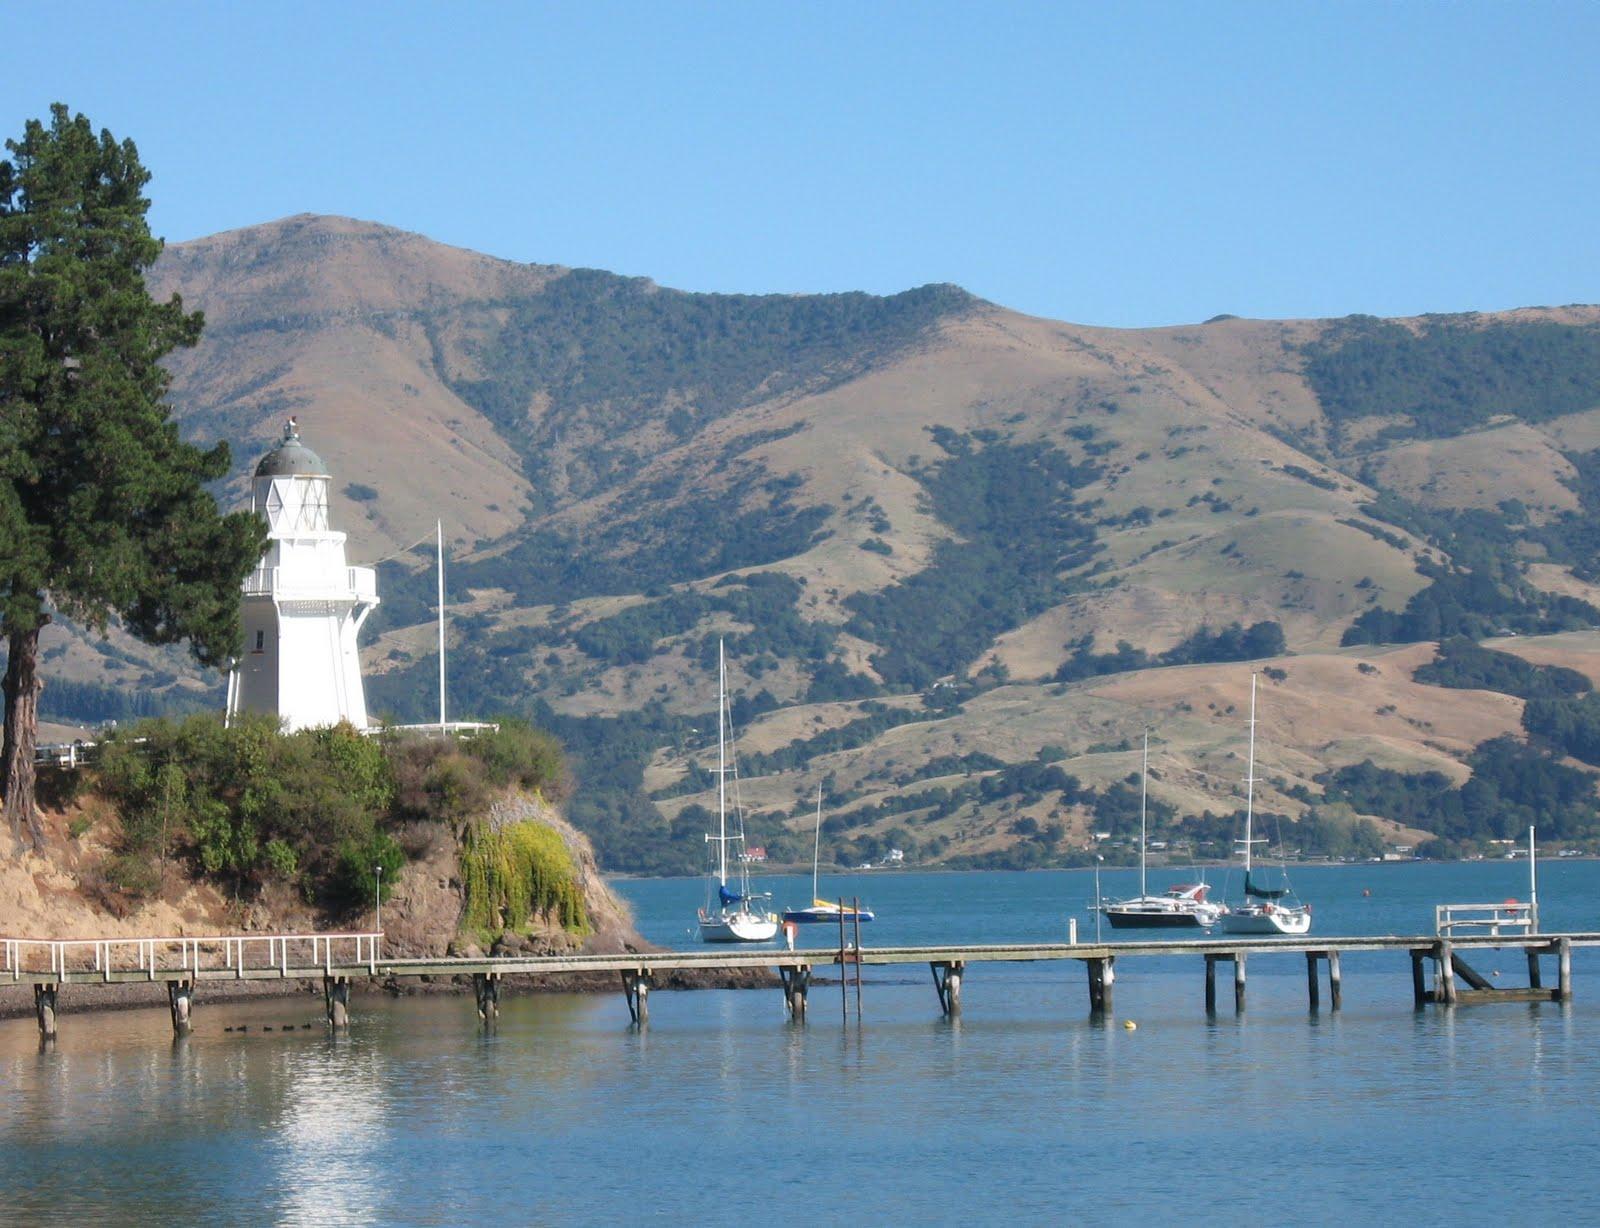 http://1.bp.blogspot.com/_wZDUXWd7ozg/S-IY8a9rKnI/AAAAAAAAAyA/J28GpY7Gy4k/s1600/21-+Akaroa+Lighthouse.JPG